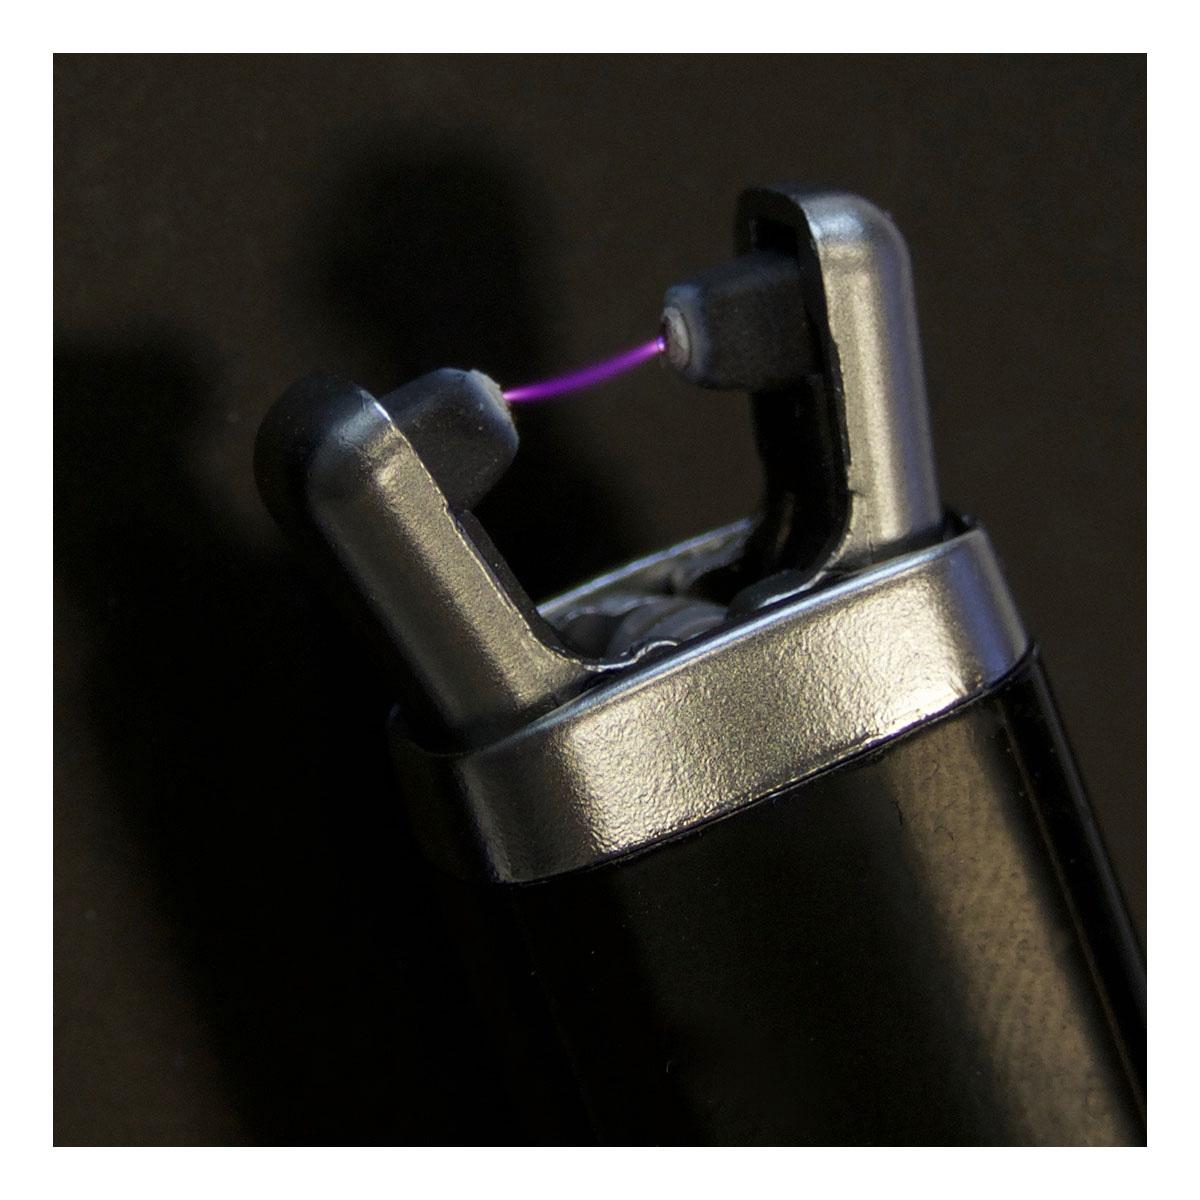 98-1119-01-elektronisches-lichtbogen-stabfeuerzeug-ansicht-1200x1200px.jpg